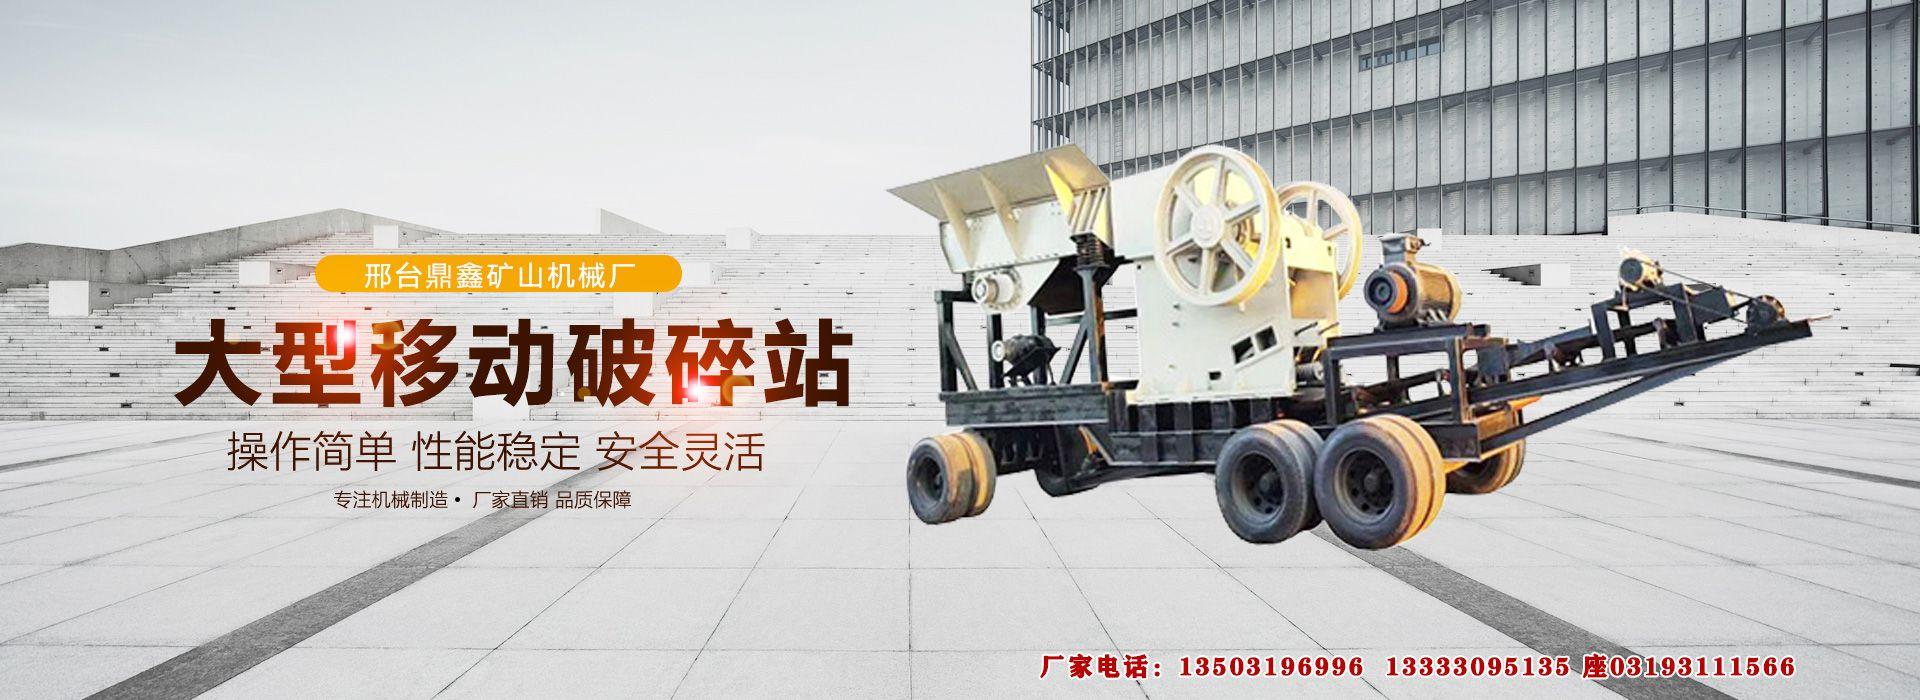 移动破碎站设备,制砂机设备厂,石料破碎机设备,邢台鼎鑫矿山机械厂